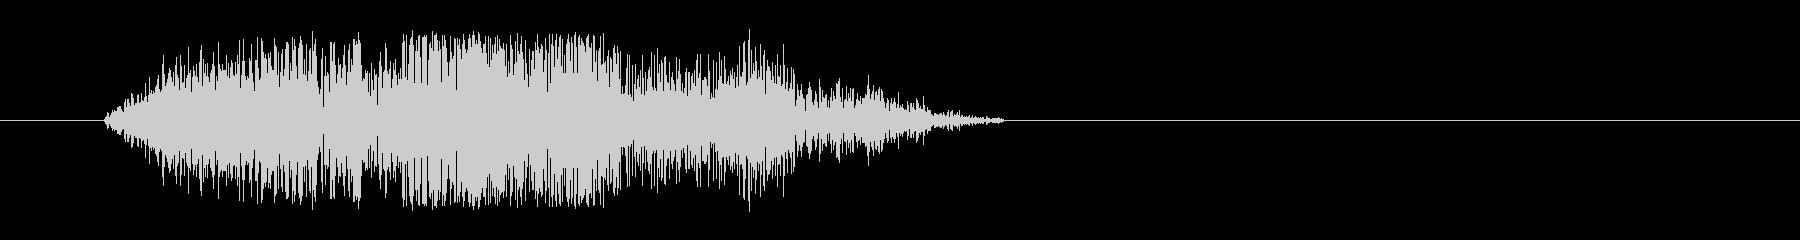 チャッ(シンプルな金属系の効果音)の未再生の波形